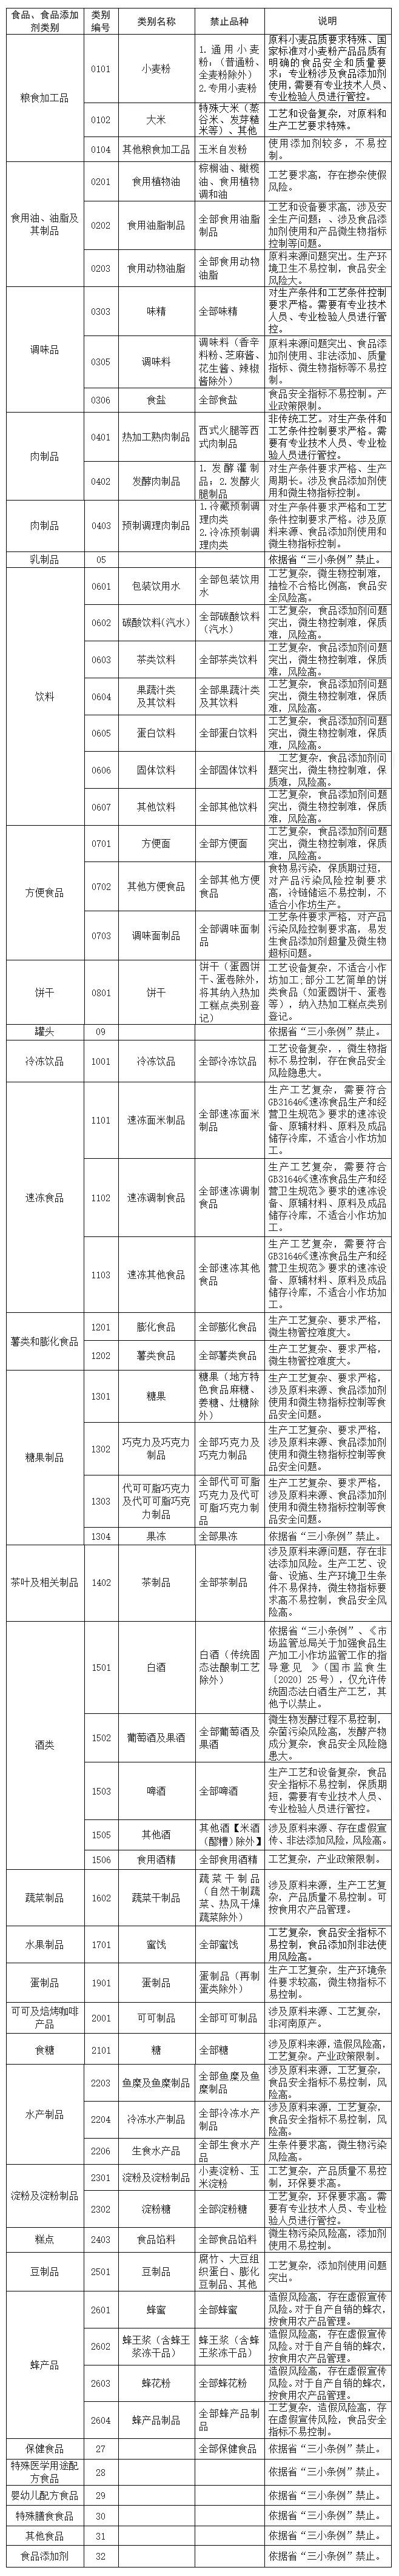 关于再次征求河南省食品小作坊禁止生产品种目录意见建议的公告